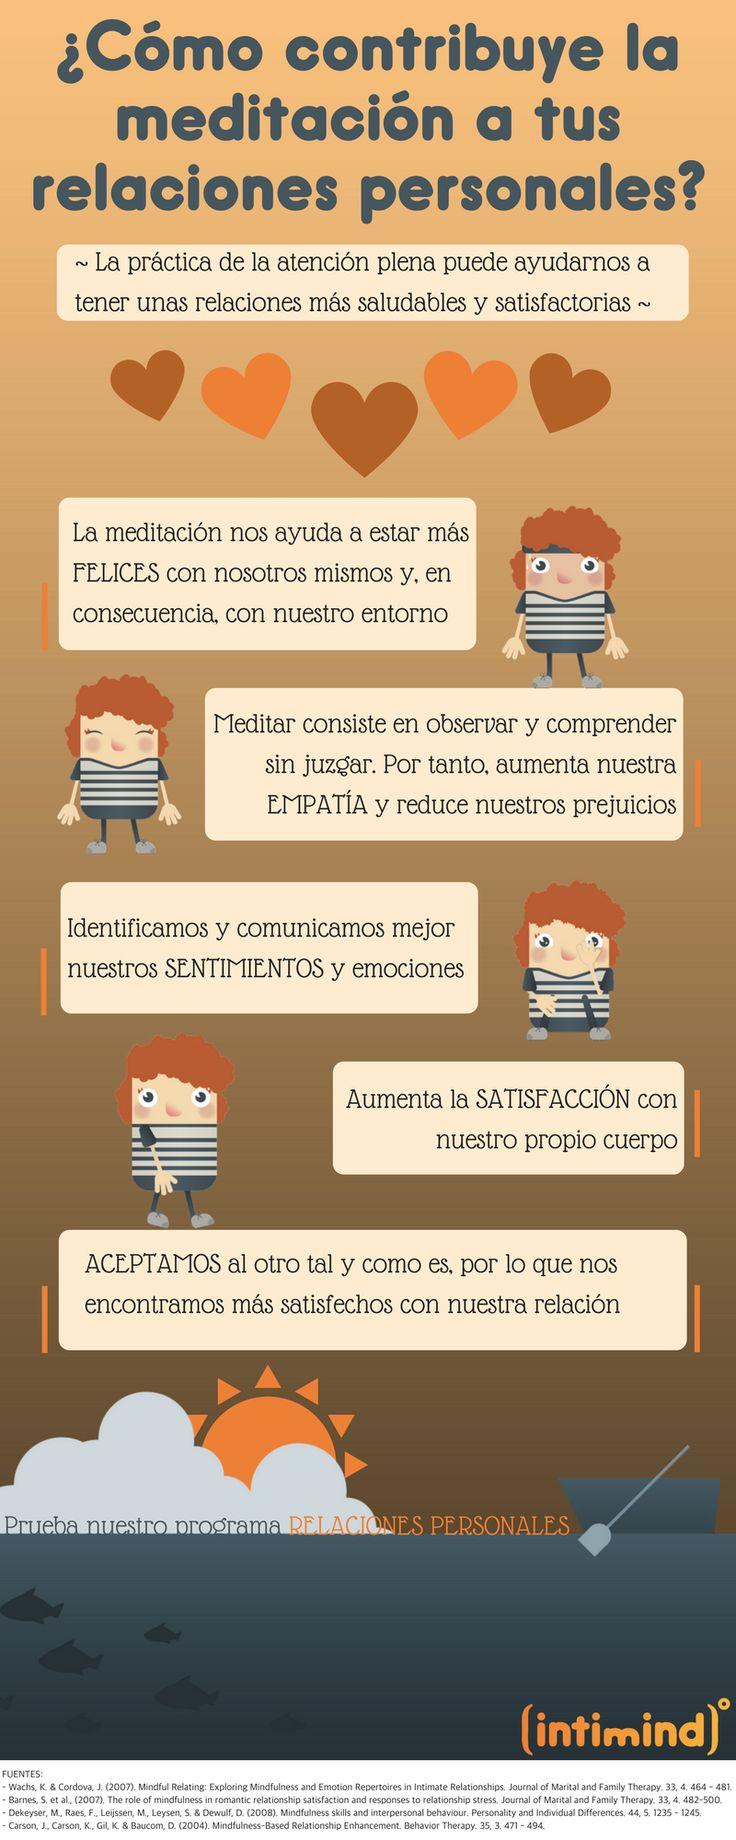 Intimind Es Un Metodo De Meditacion Mindfulness En Espanol Que Cuenta Con Una App Para Facilitar La Practica Diaria